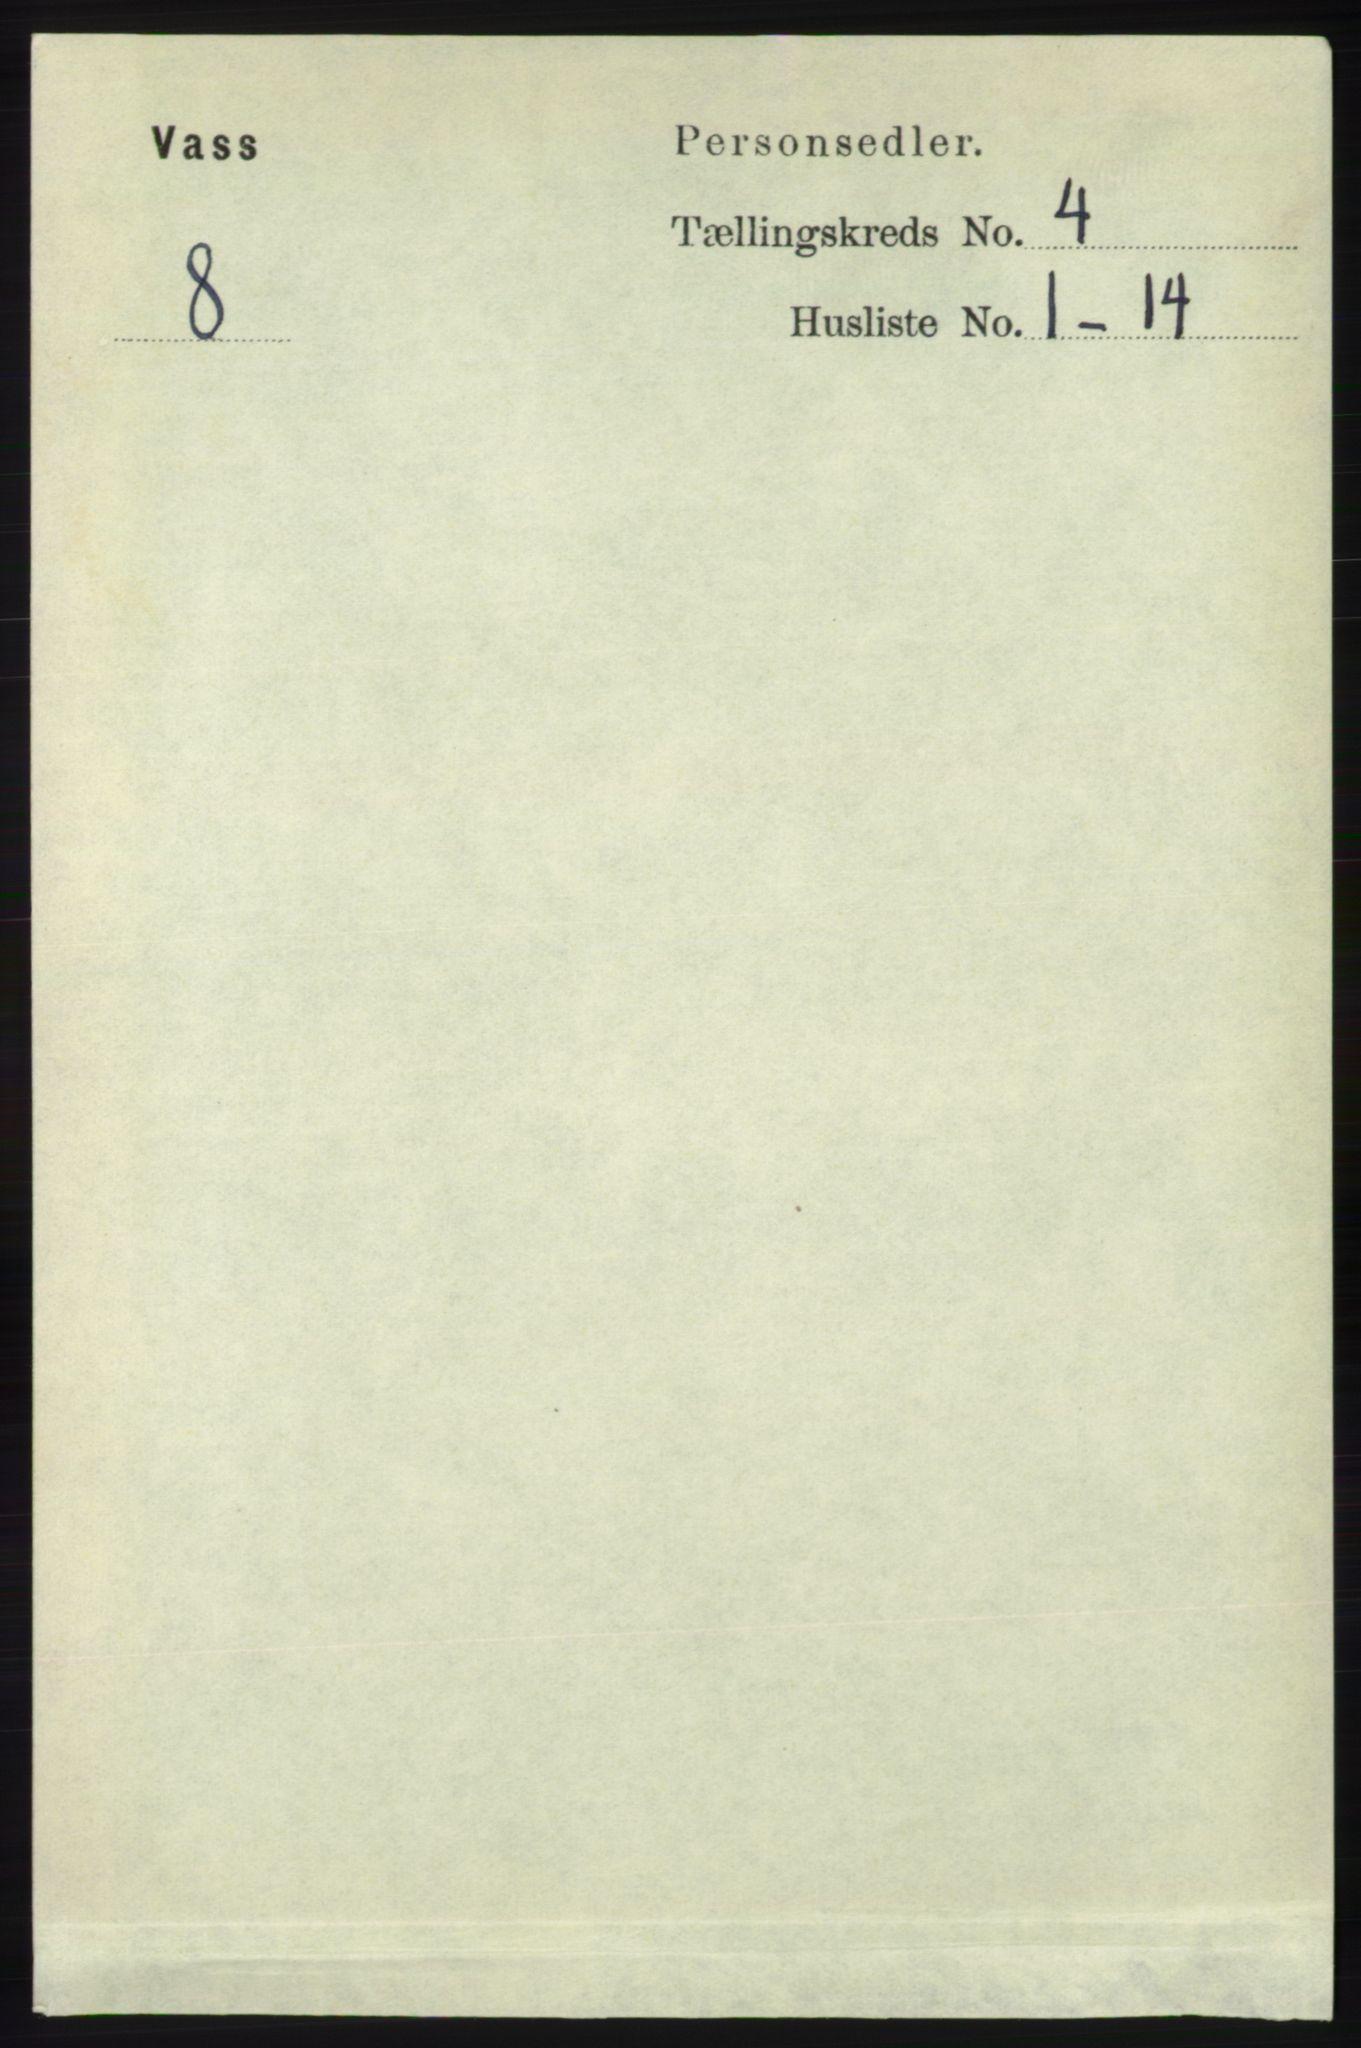 RA, Folketelling 1891 for 1155 Vats herred, 1891, s. 606